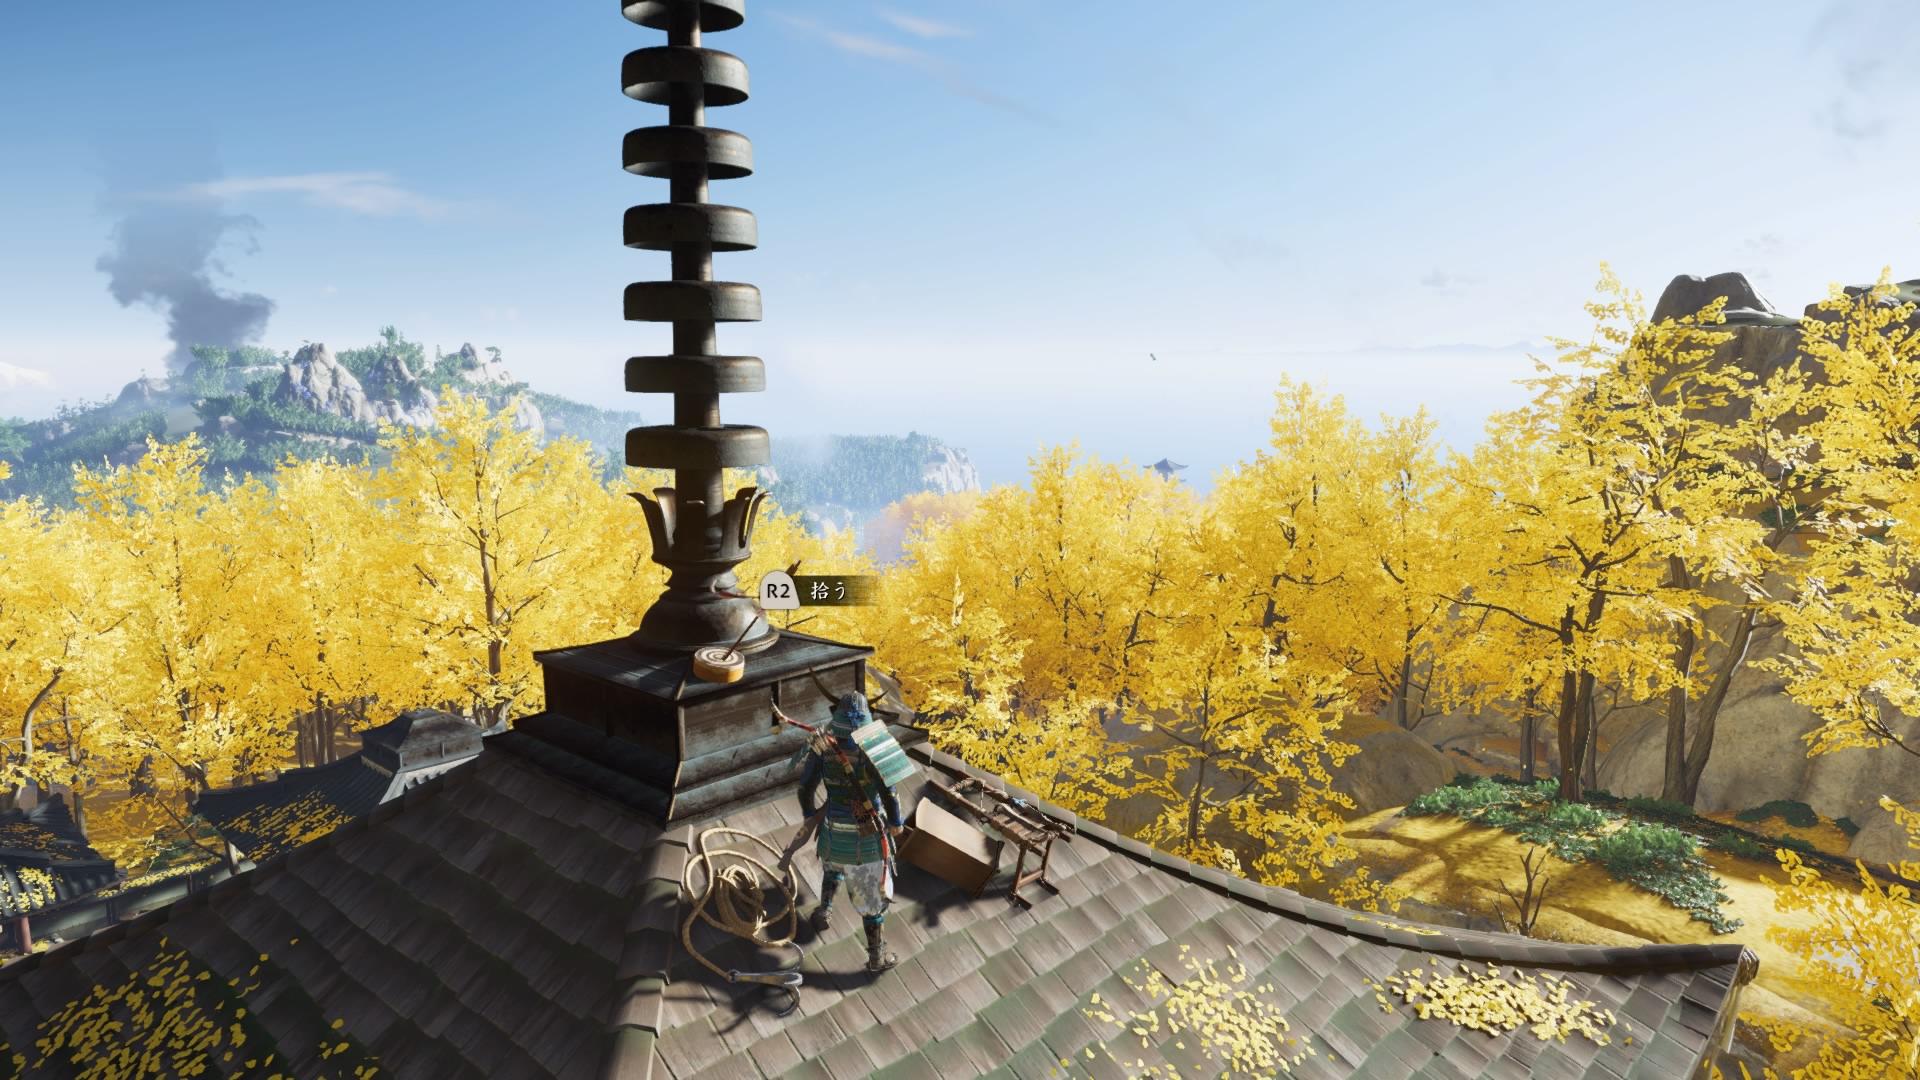 鉤縄を使って登れる五重塔の屋上